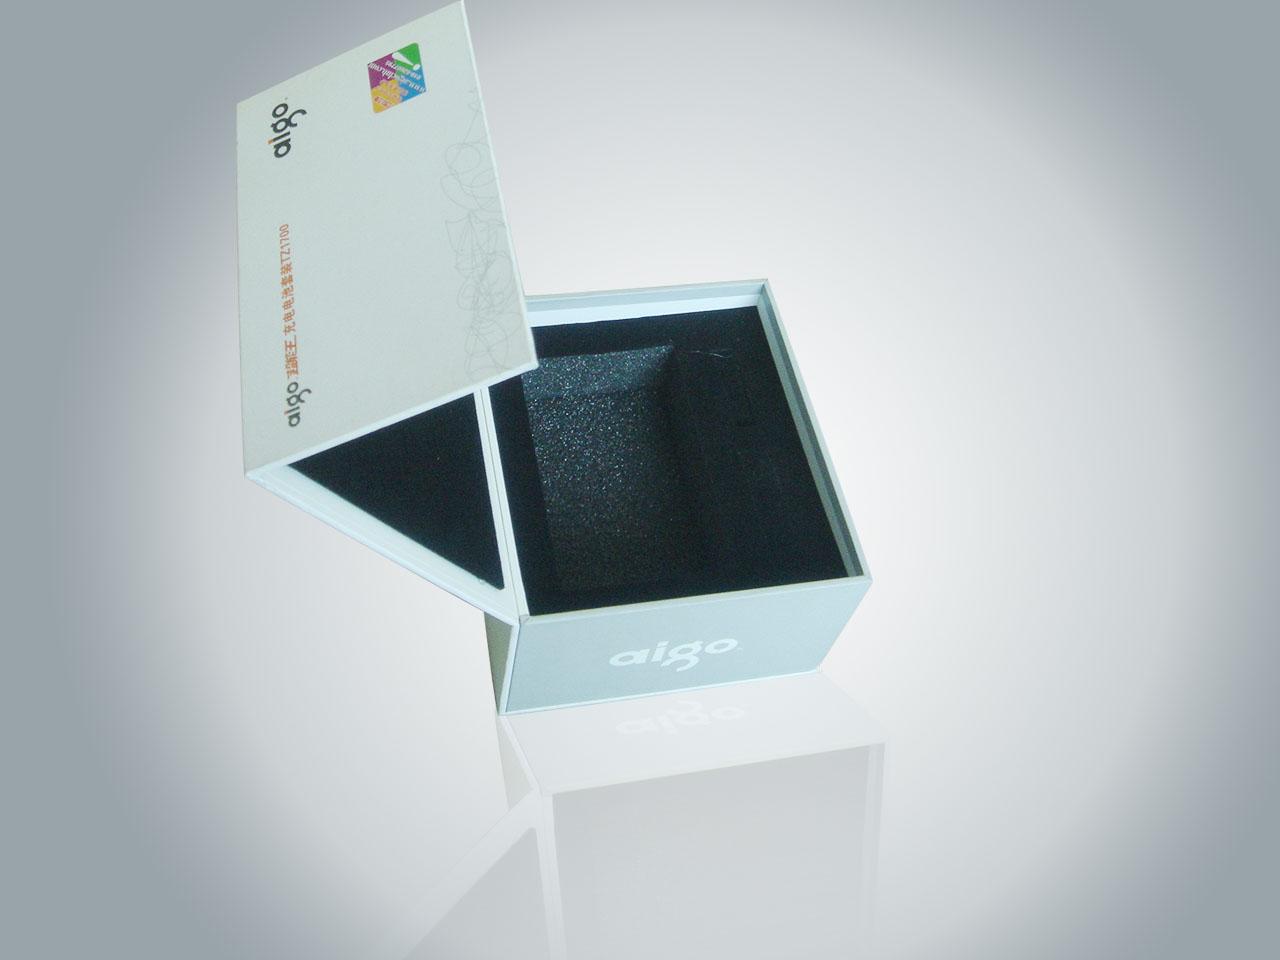 郑州北环精品包装厂 光盘卡书盒 光盘盒 软件包装盒